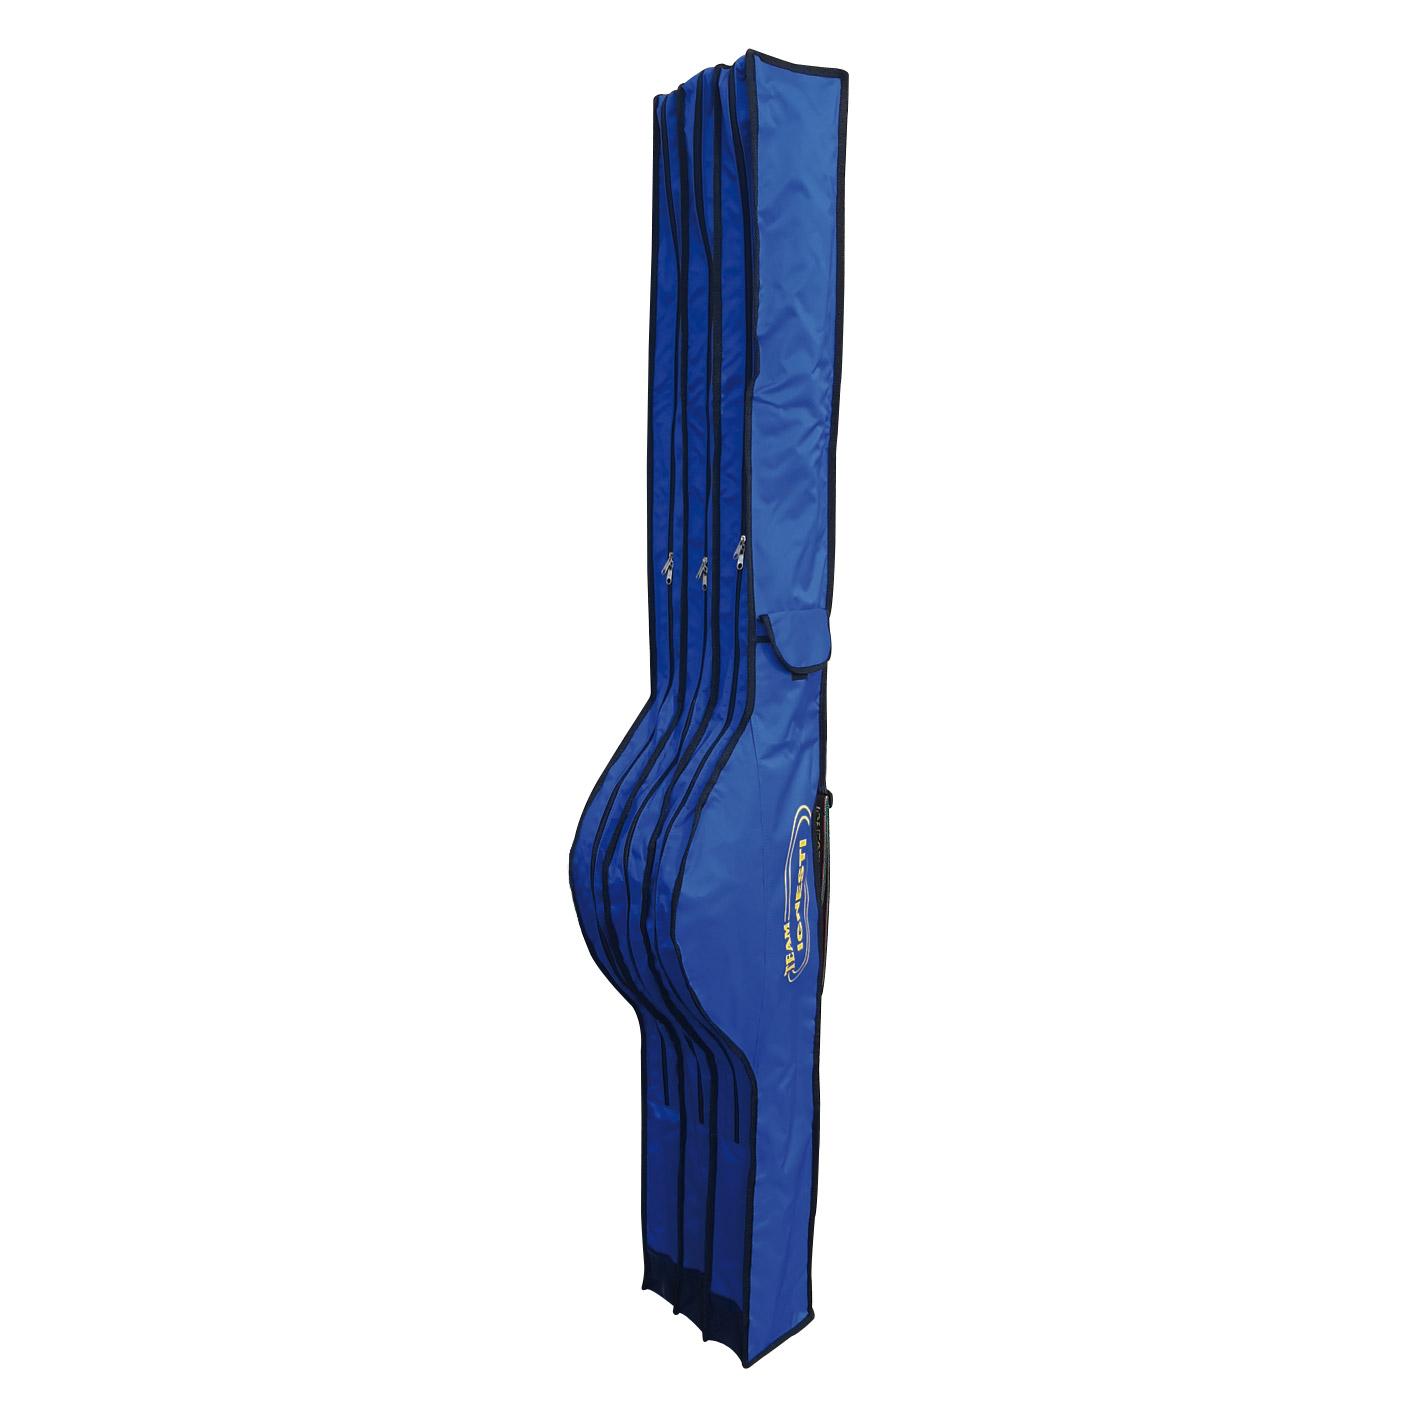 Fodero Porta Canne Surf  3 Scomparti 180 cm